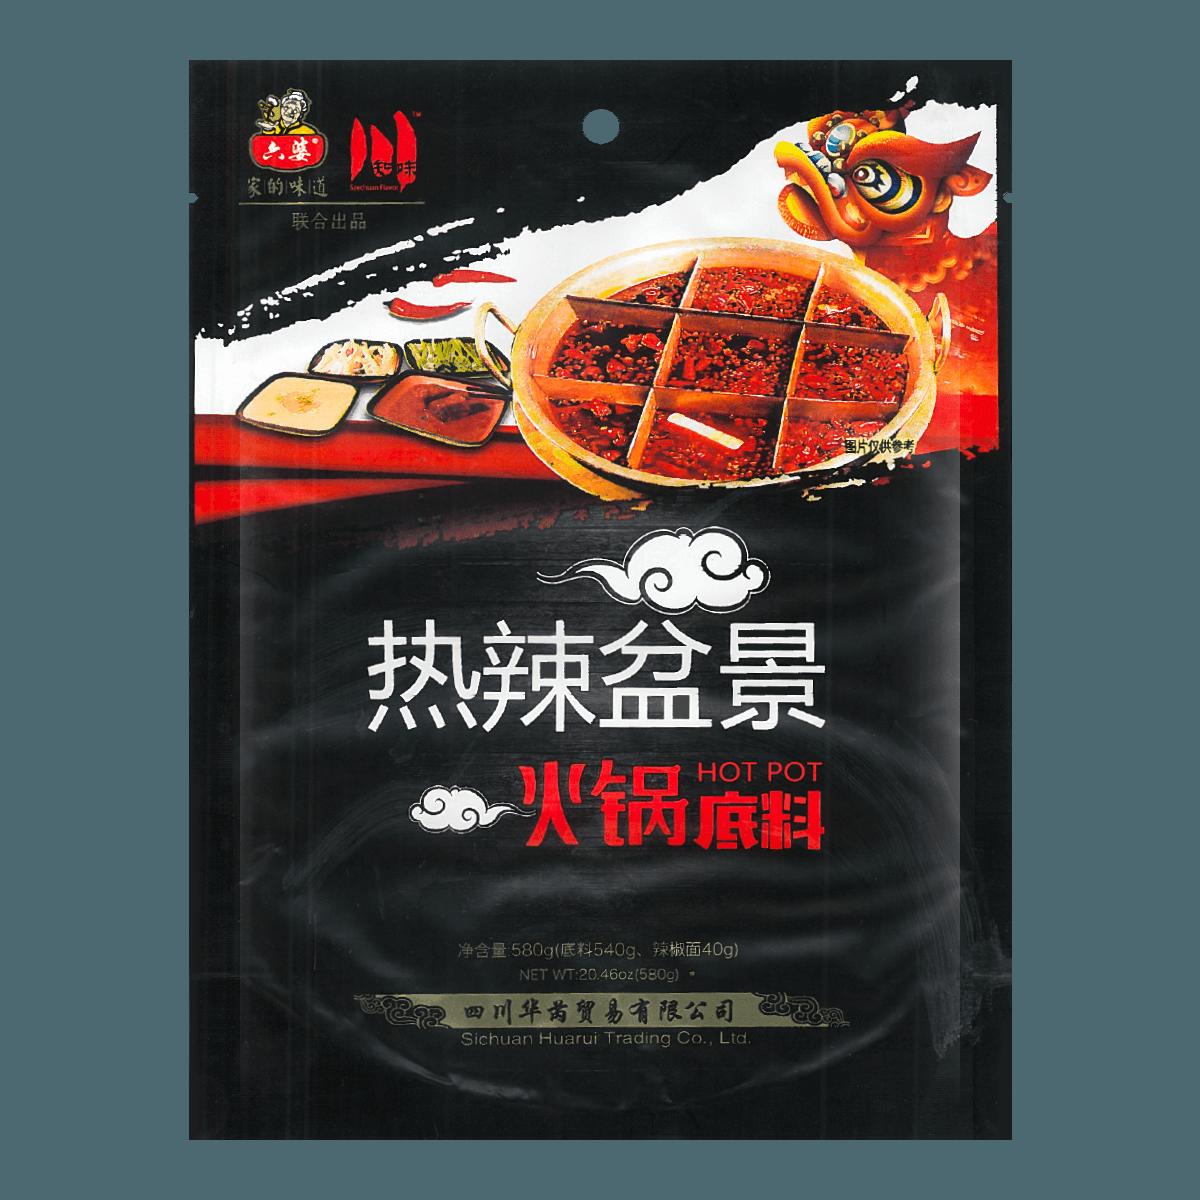 Yamibuy.com:Customer reviews:CUIHONG Liupo Hot Bonsai Hot Pot Soup Base 580g